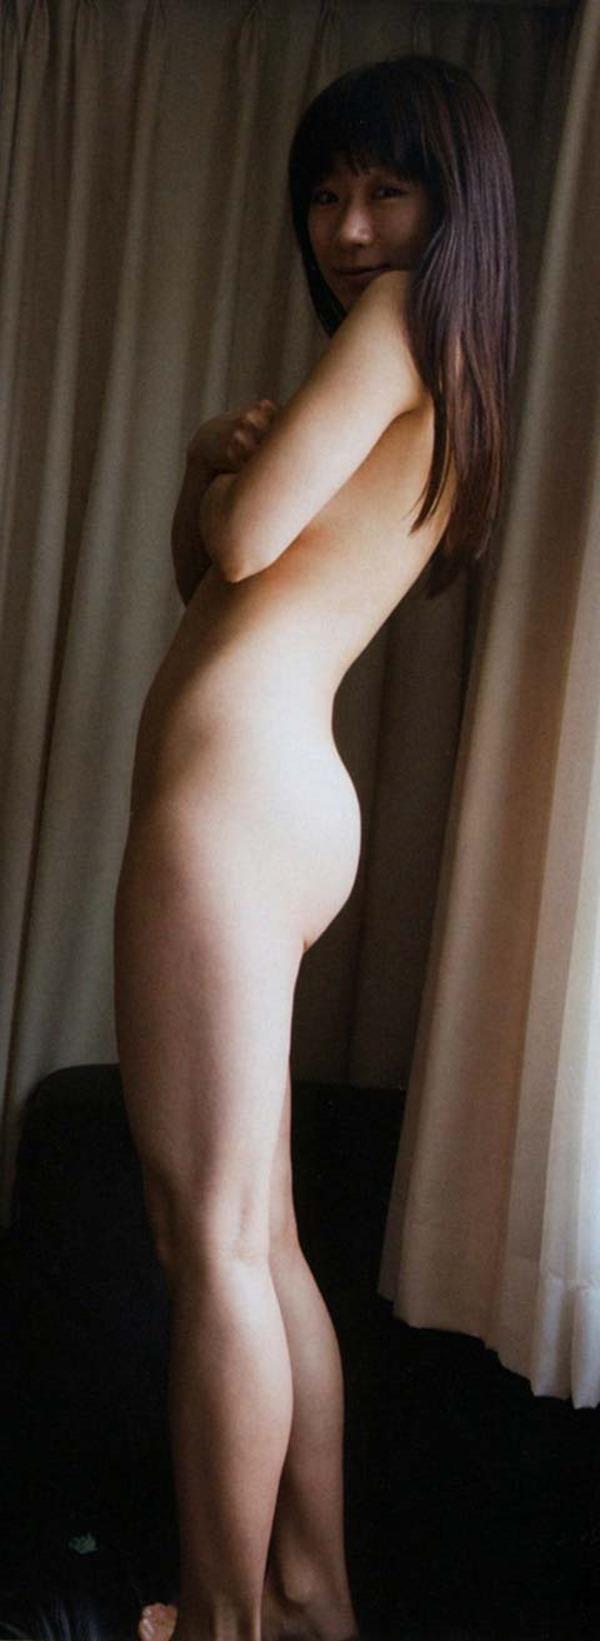 時東ぁみの手ブラおっぱいセミヌード画像12